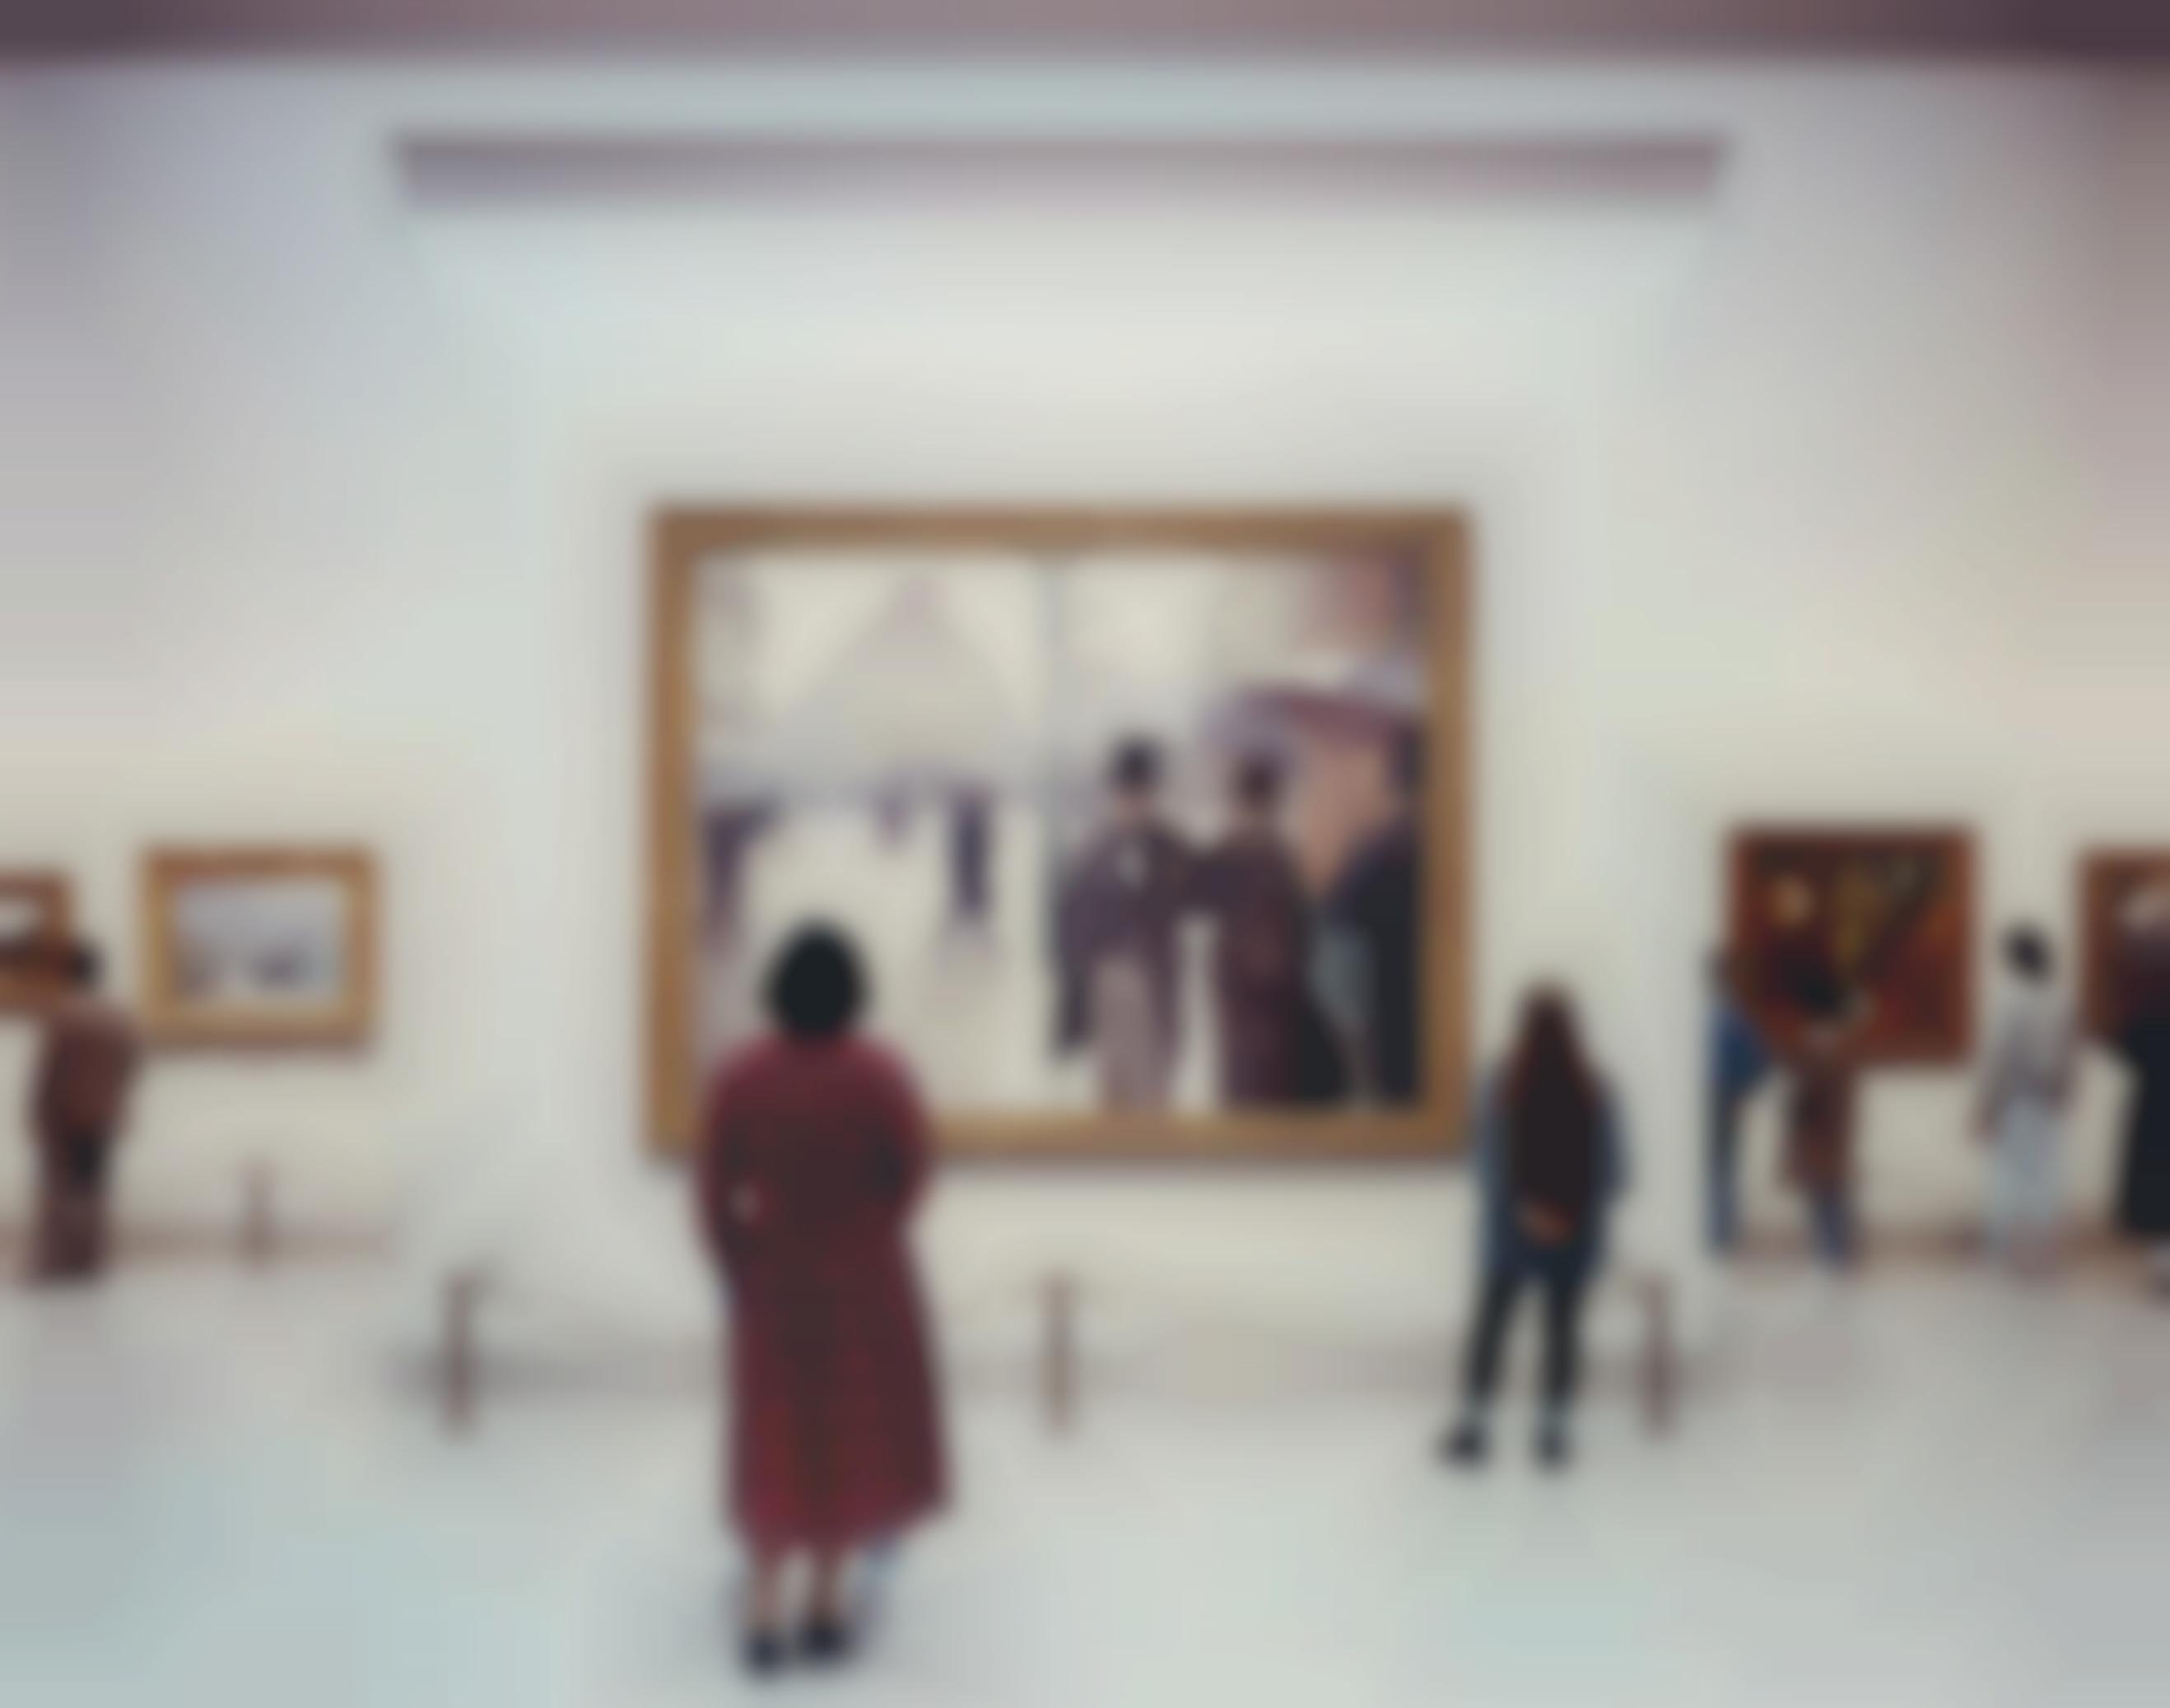 Thomas Struth-Art Institute Of Chicago II, Chicago-1990